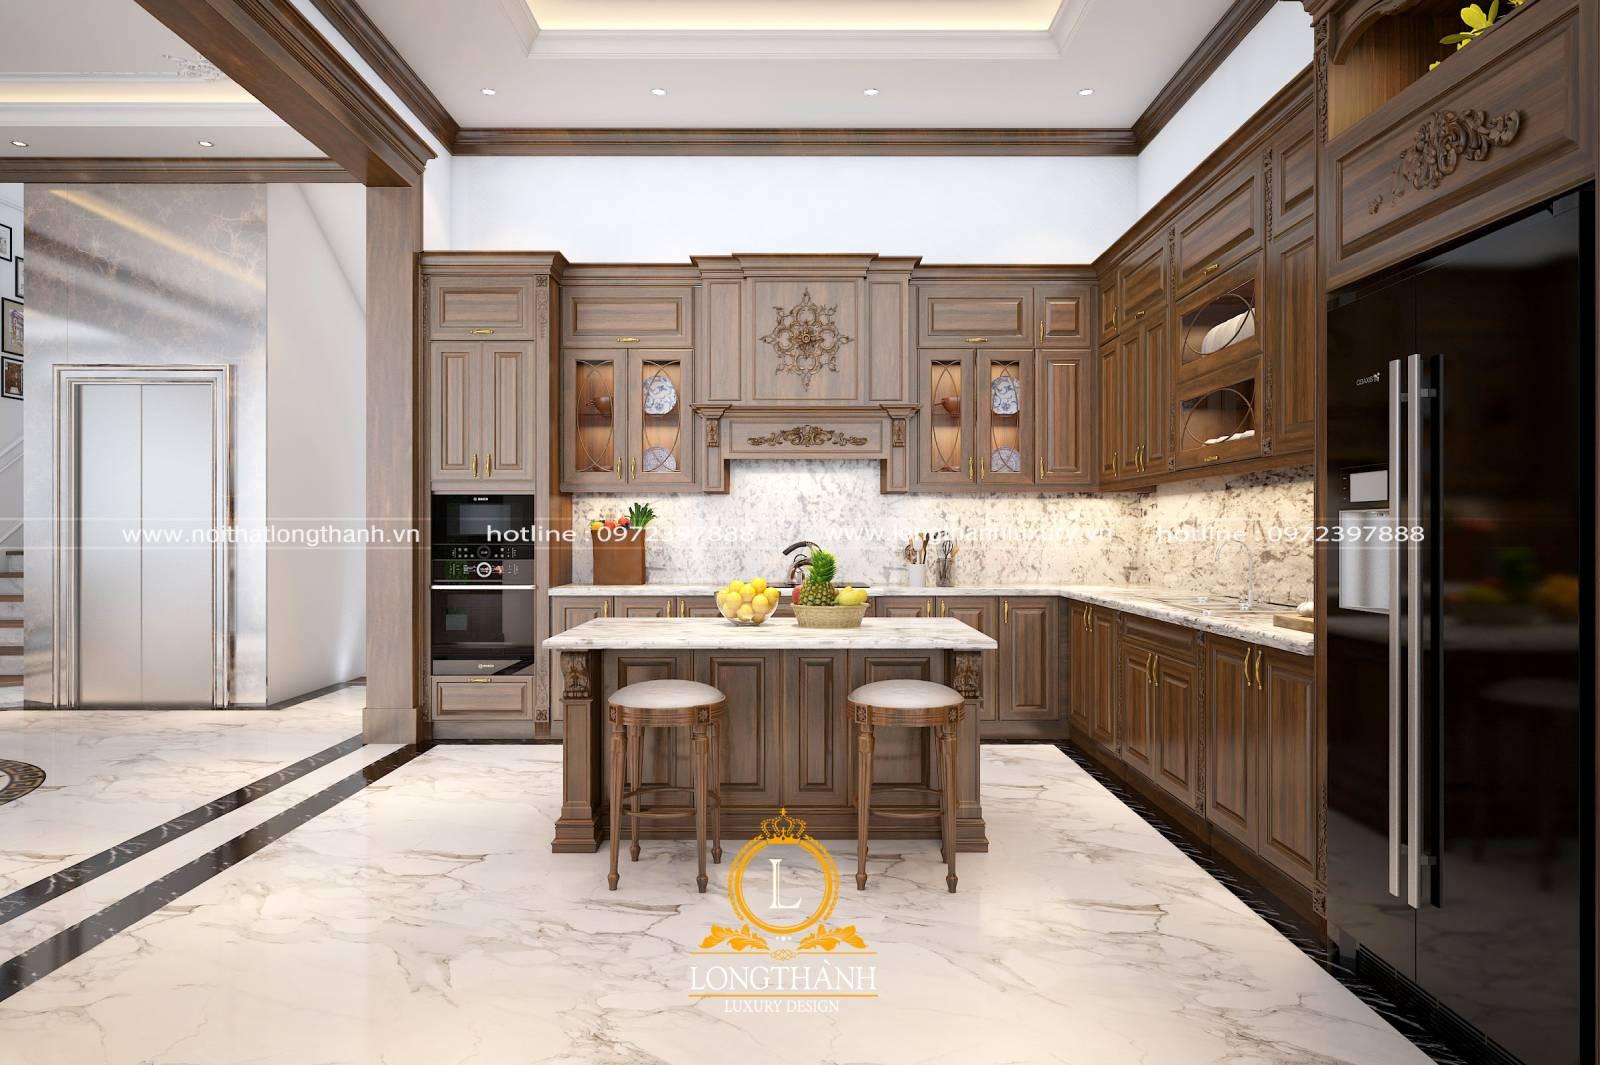 Mẫu tủ bếp gỗ Gõ cho biệt thự rộng sang trọng ấm cúng